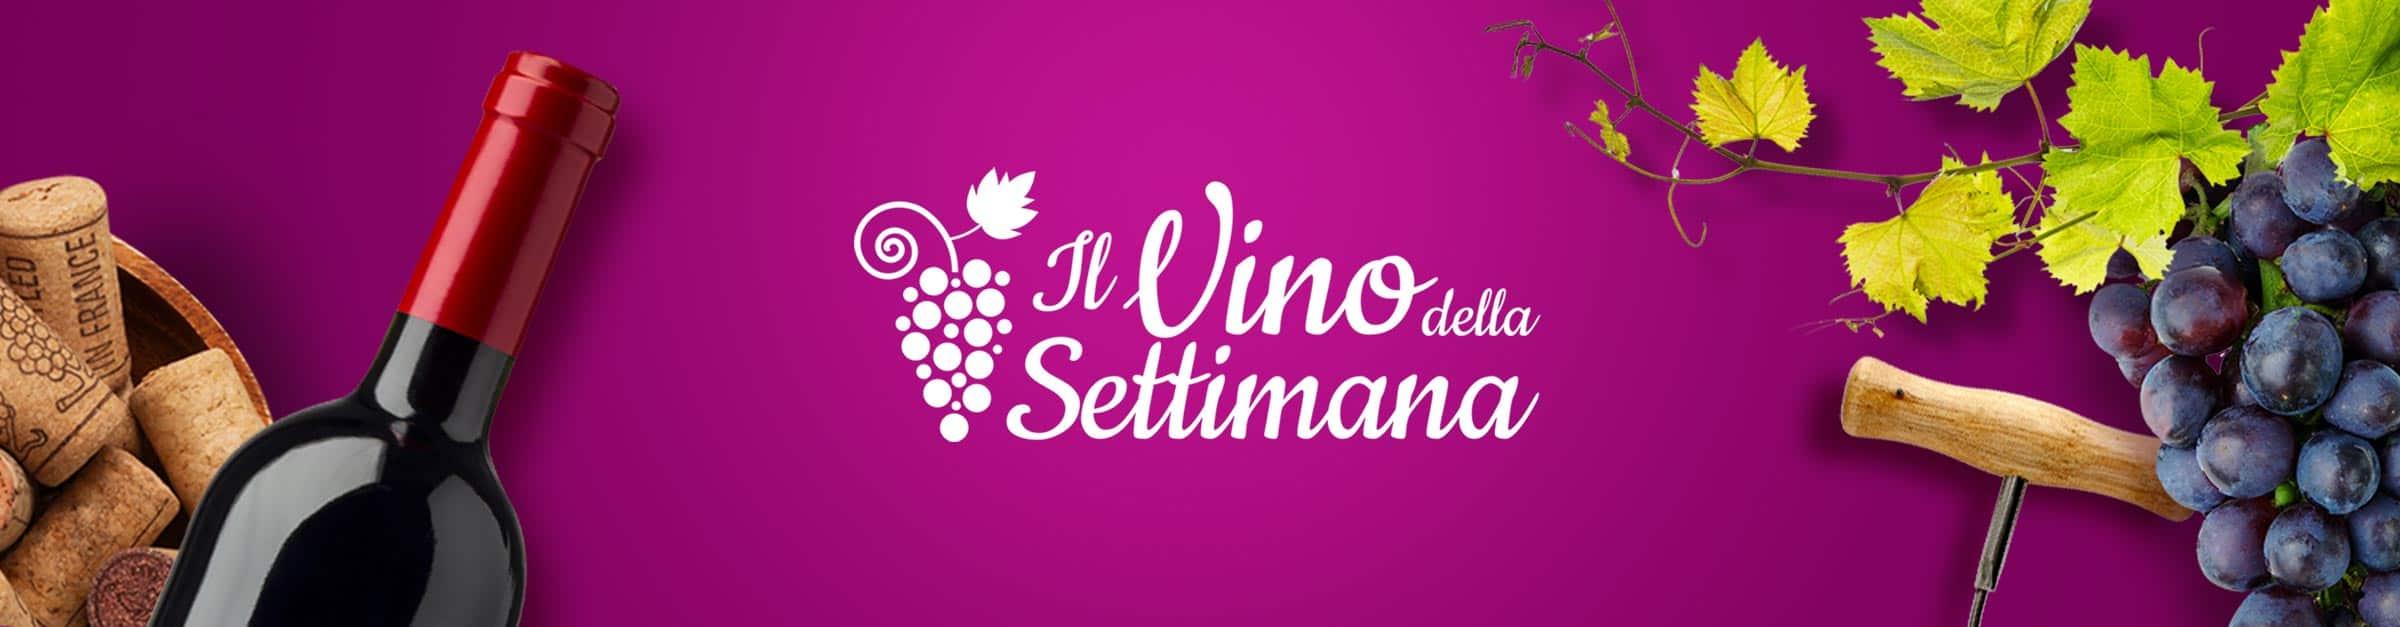 Sezione Vino della Settimana - Simon Italian Food